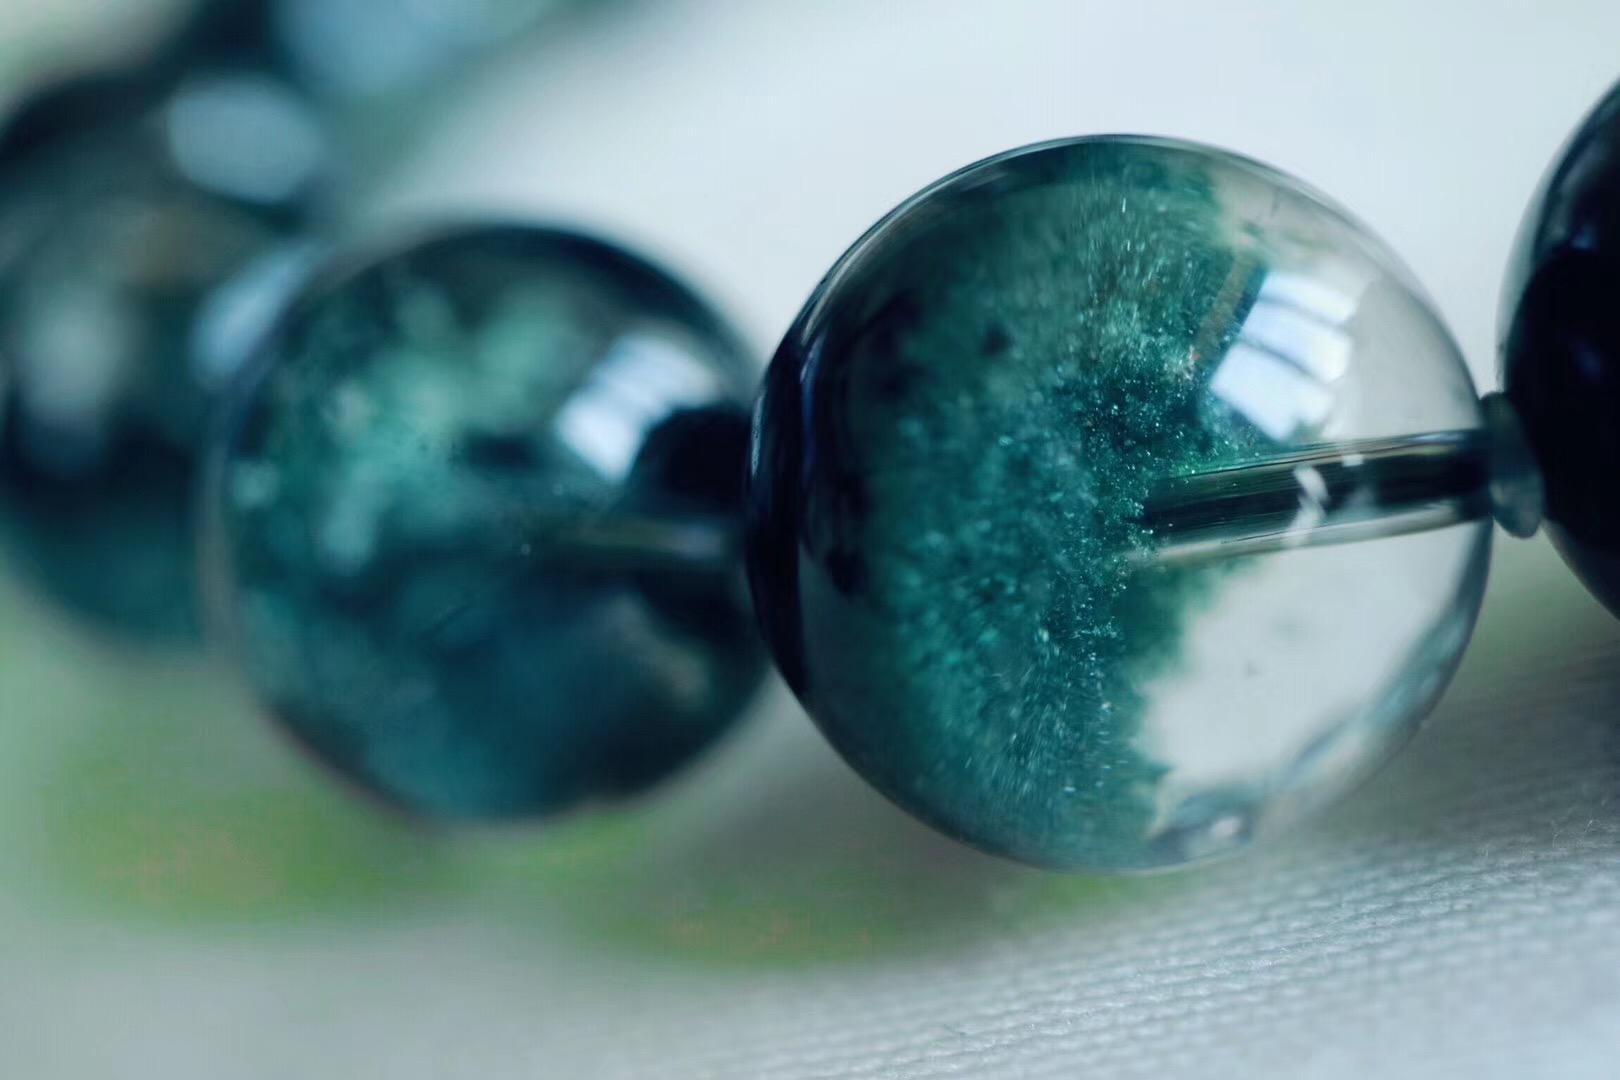 【绿幽灵聚宝盆】墨绿色绿幽灵聚宝盆,生机无限-菩心晶舍